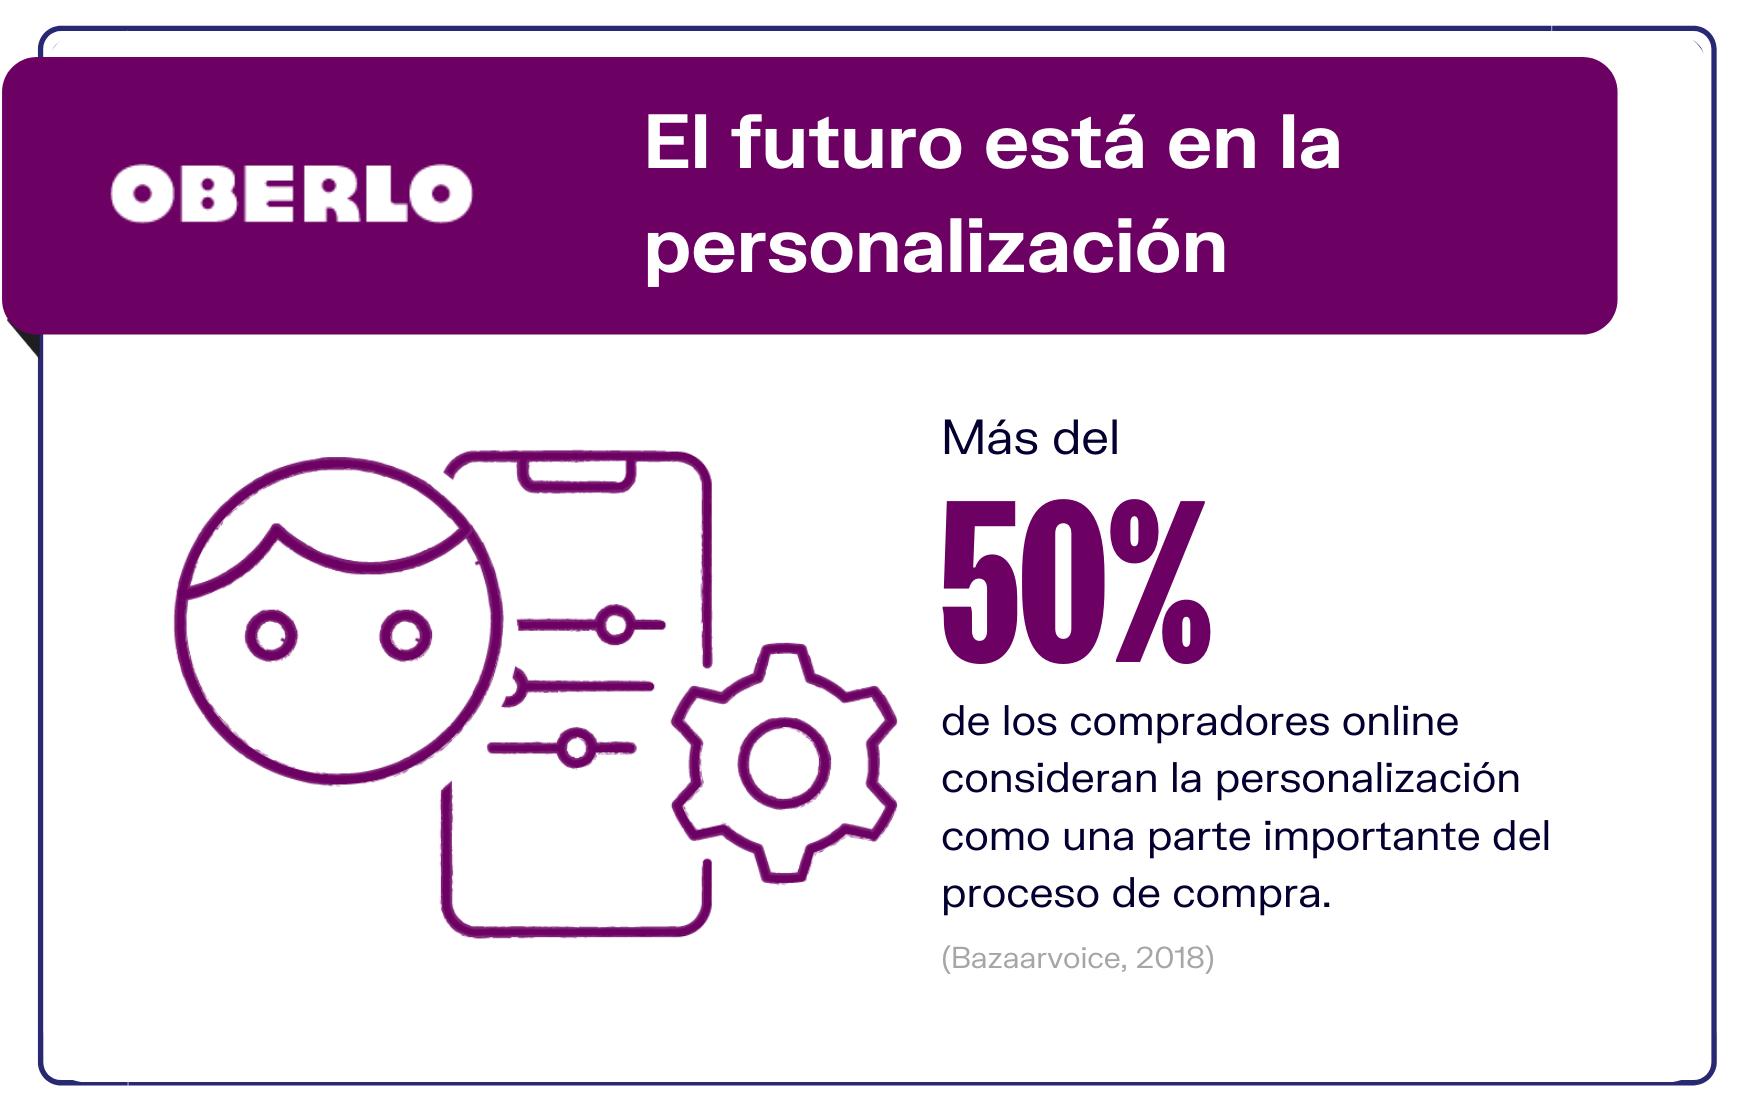 9-Tendencias-comercio-electrónico-La-personalización-es-el-futuro